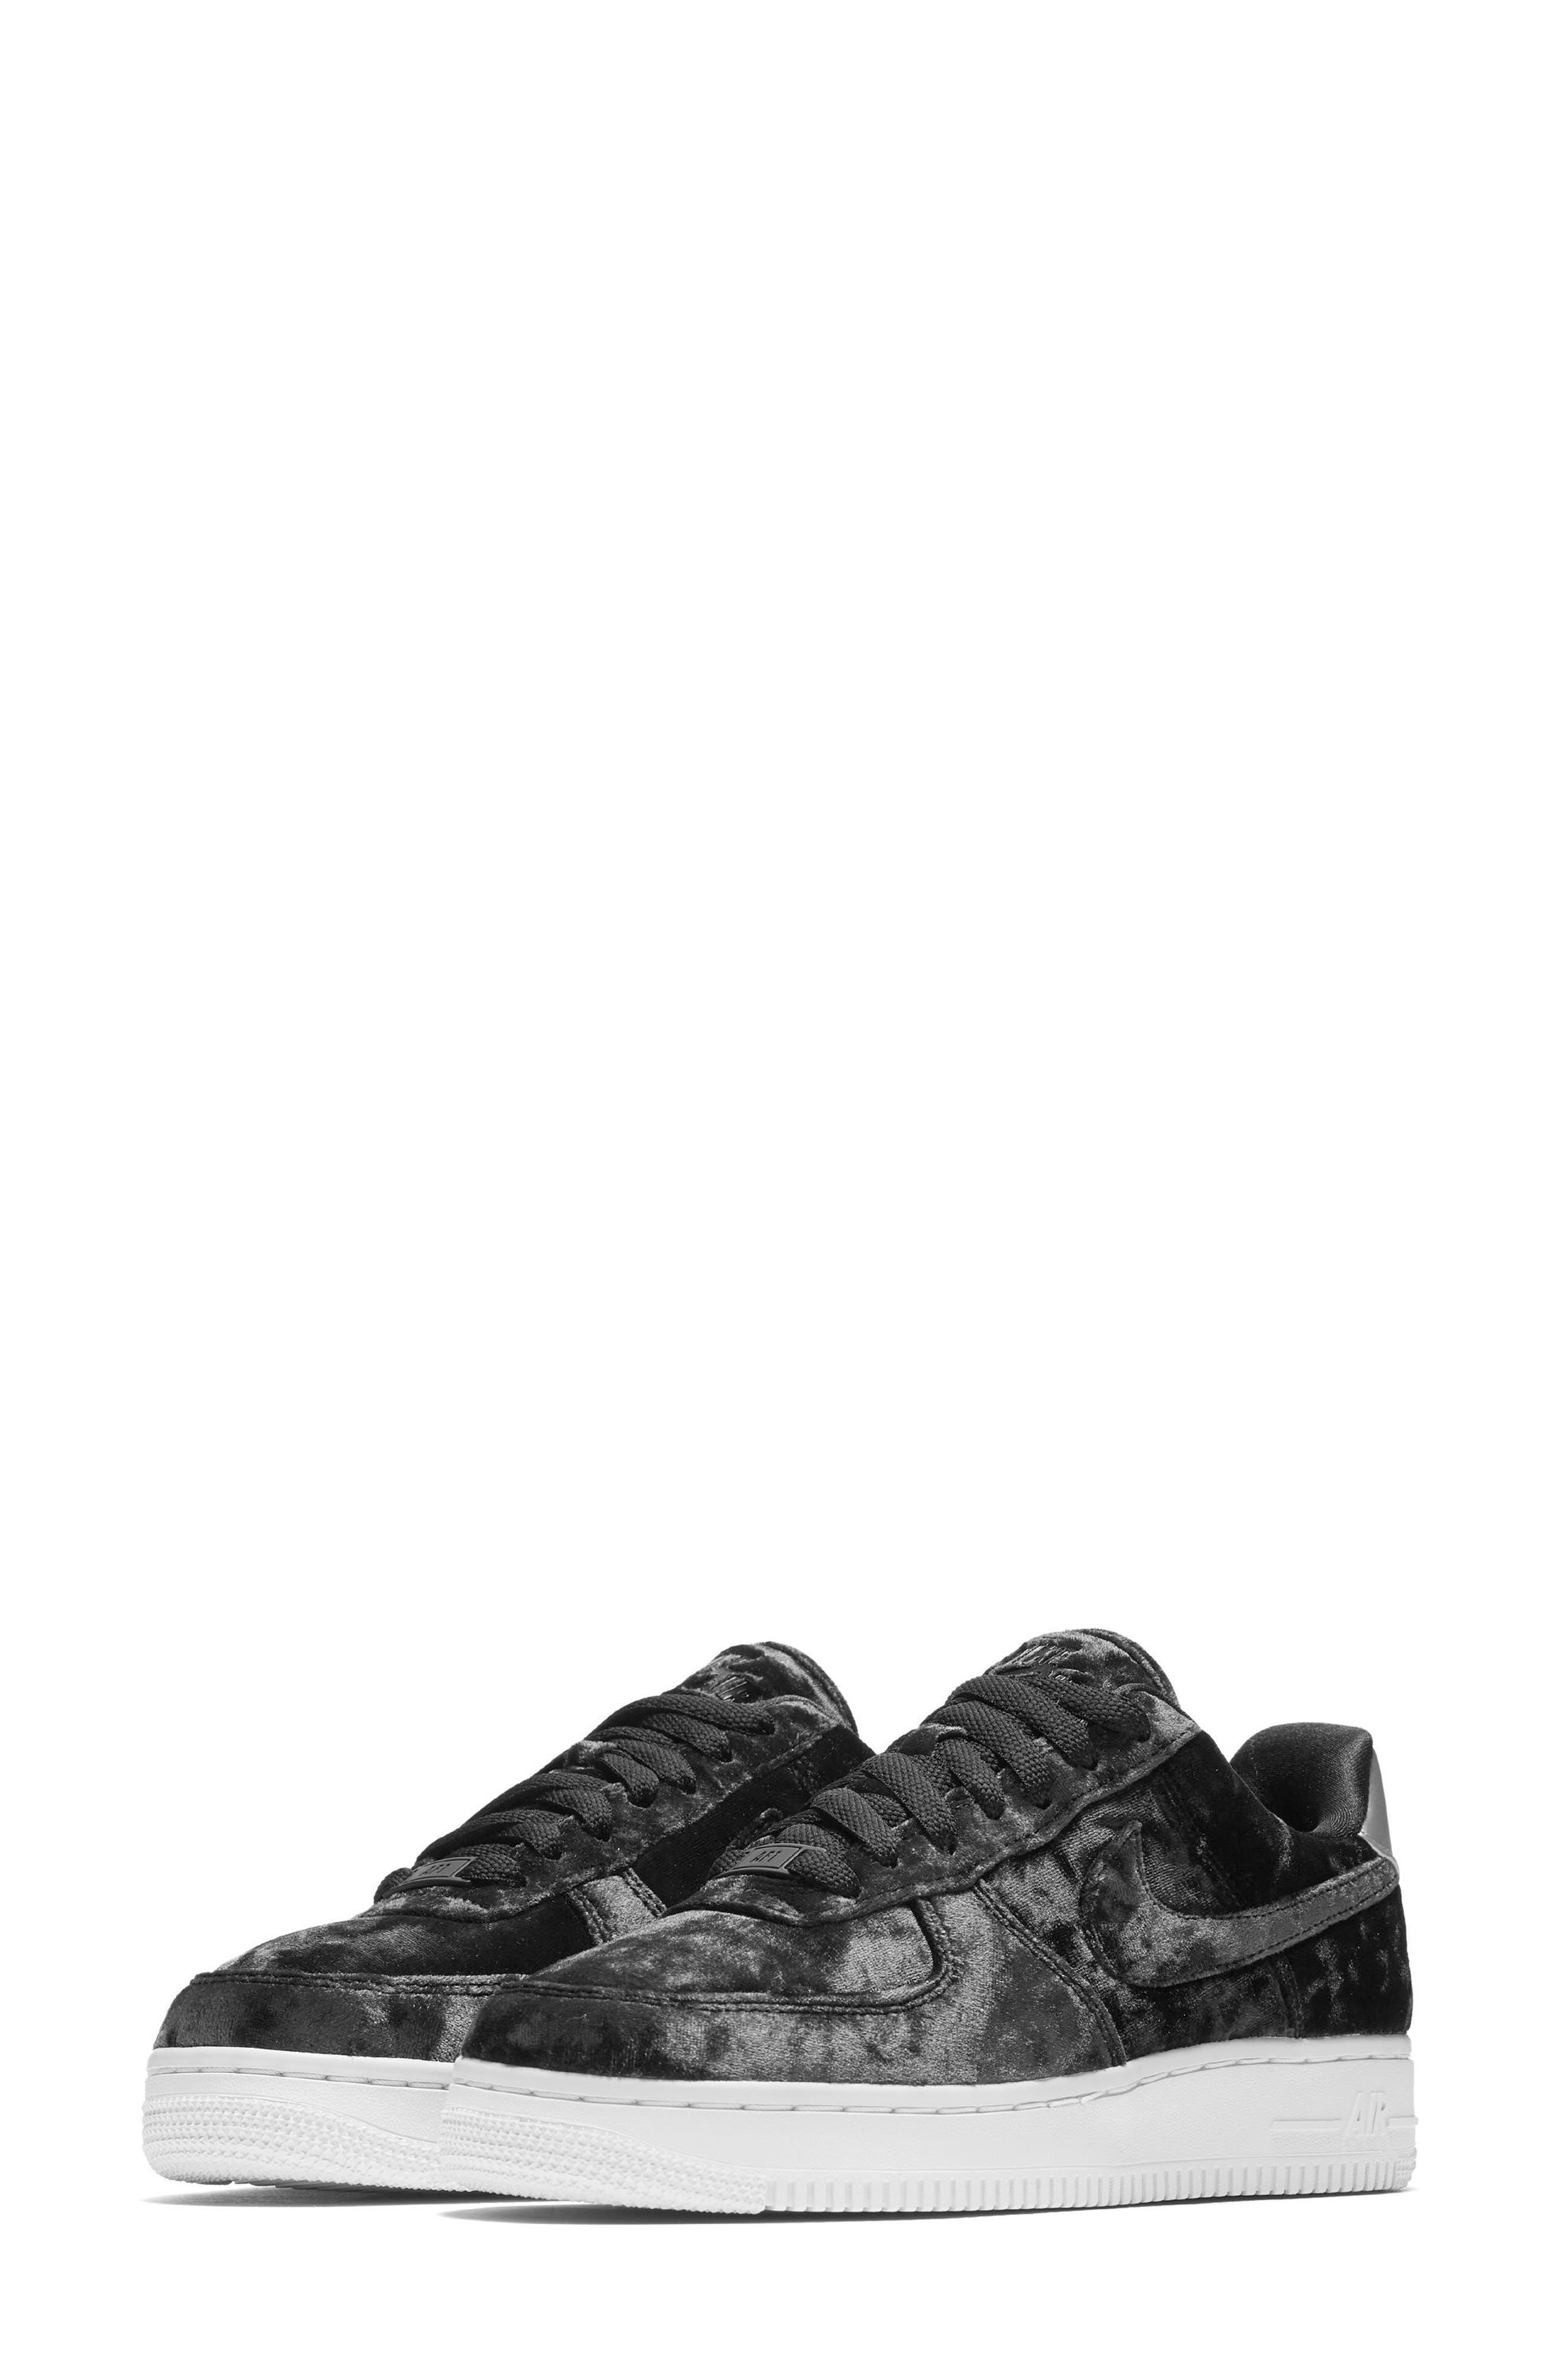 Air Force 1 '07 Premium Sneaker,                         Main,                         color, 003